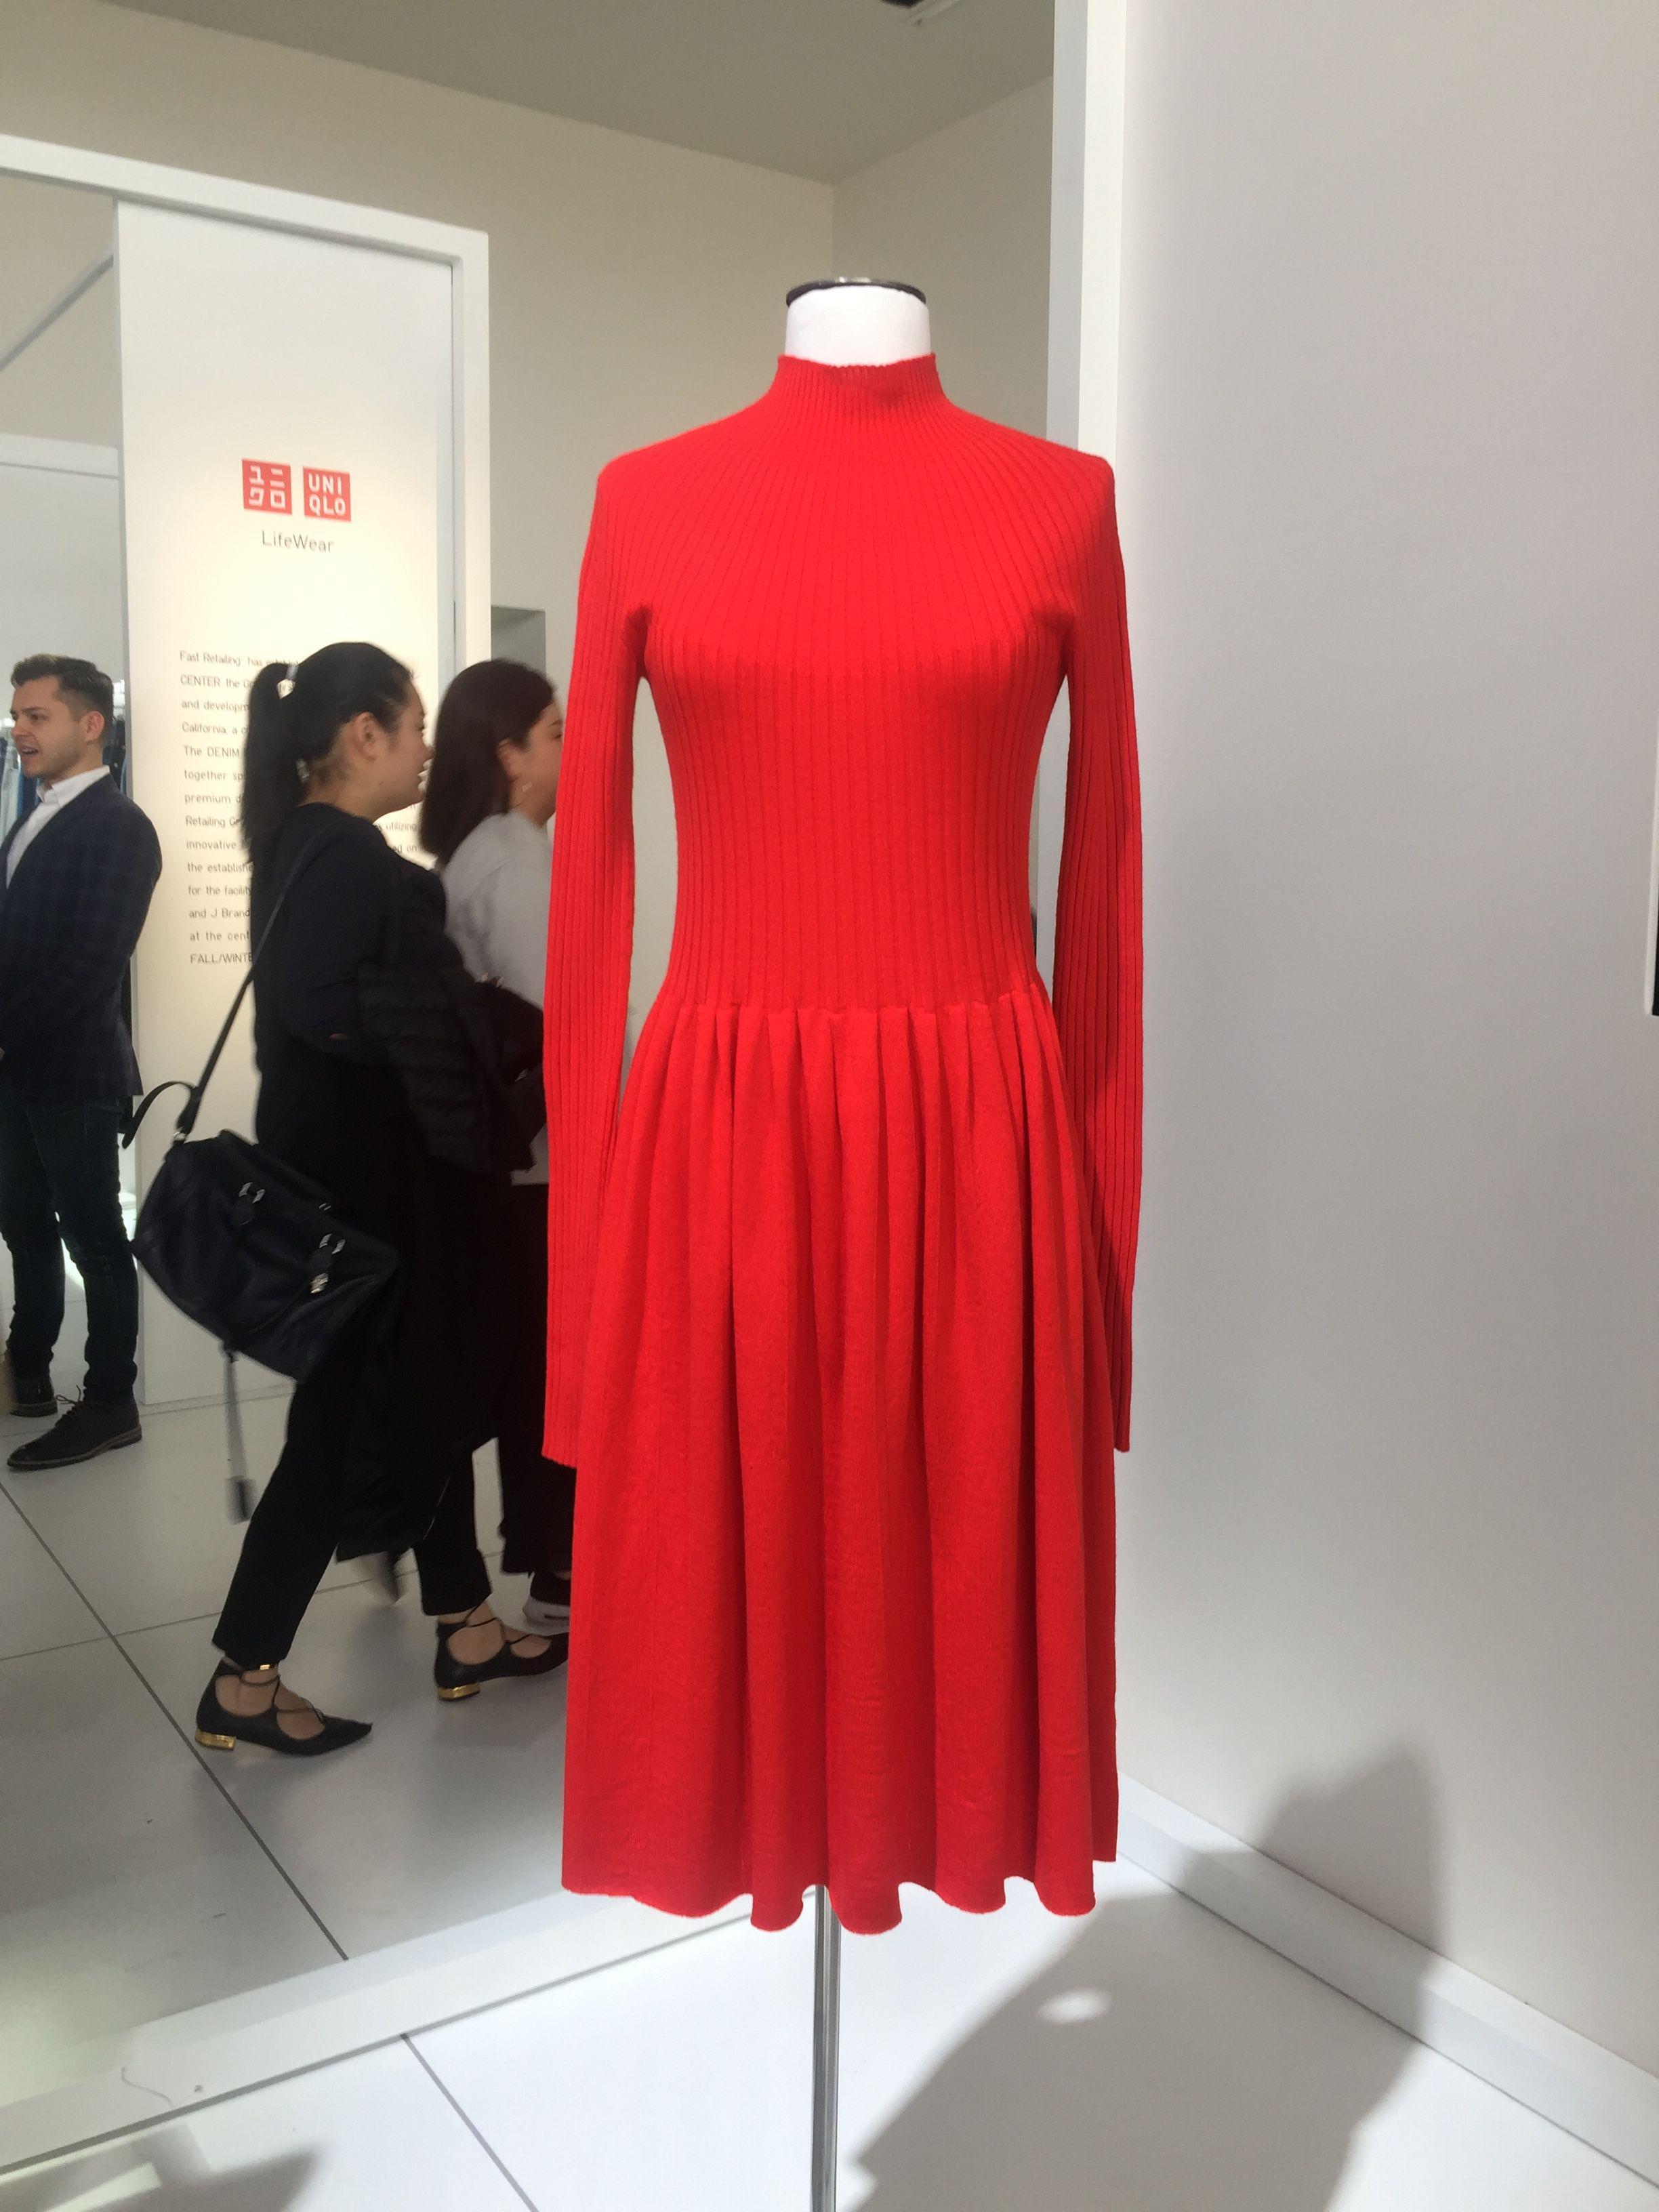 Marcas acreditam que o futuro da moda são as roupas e sapatos personalizados de tricô 3D stylo urbano-3